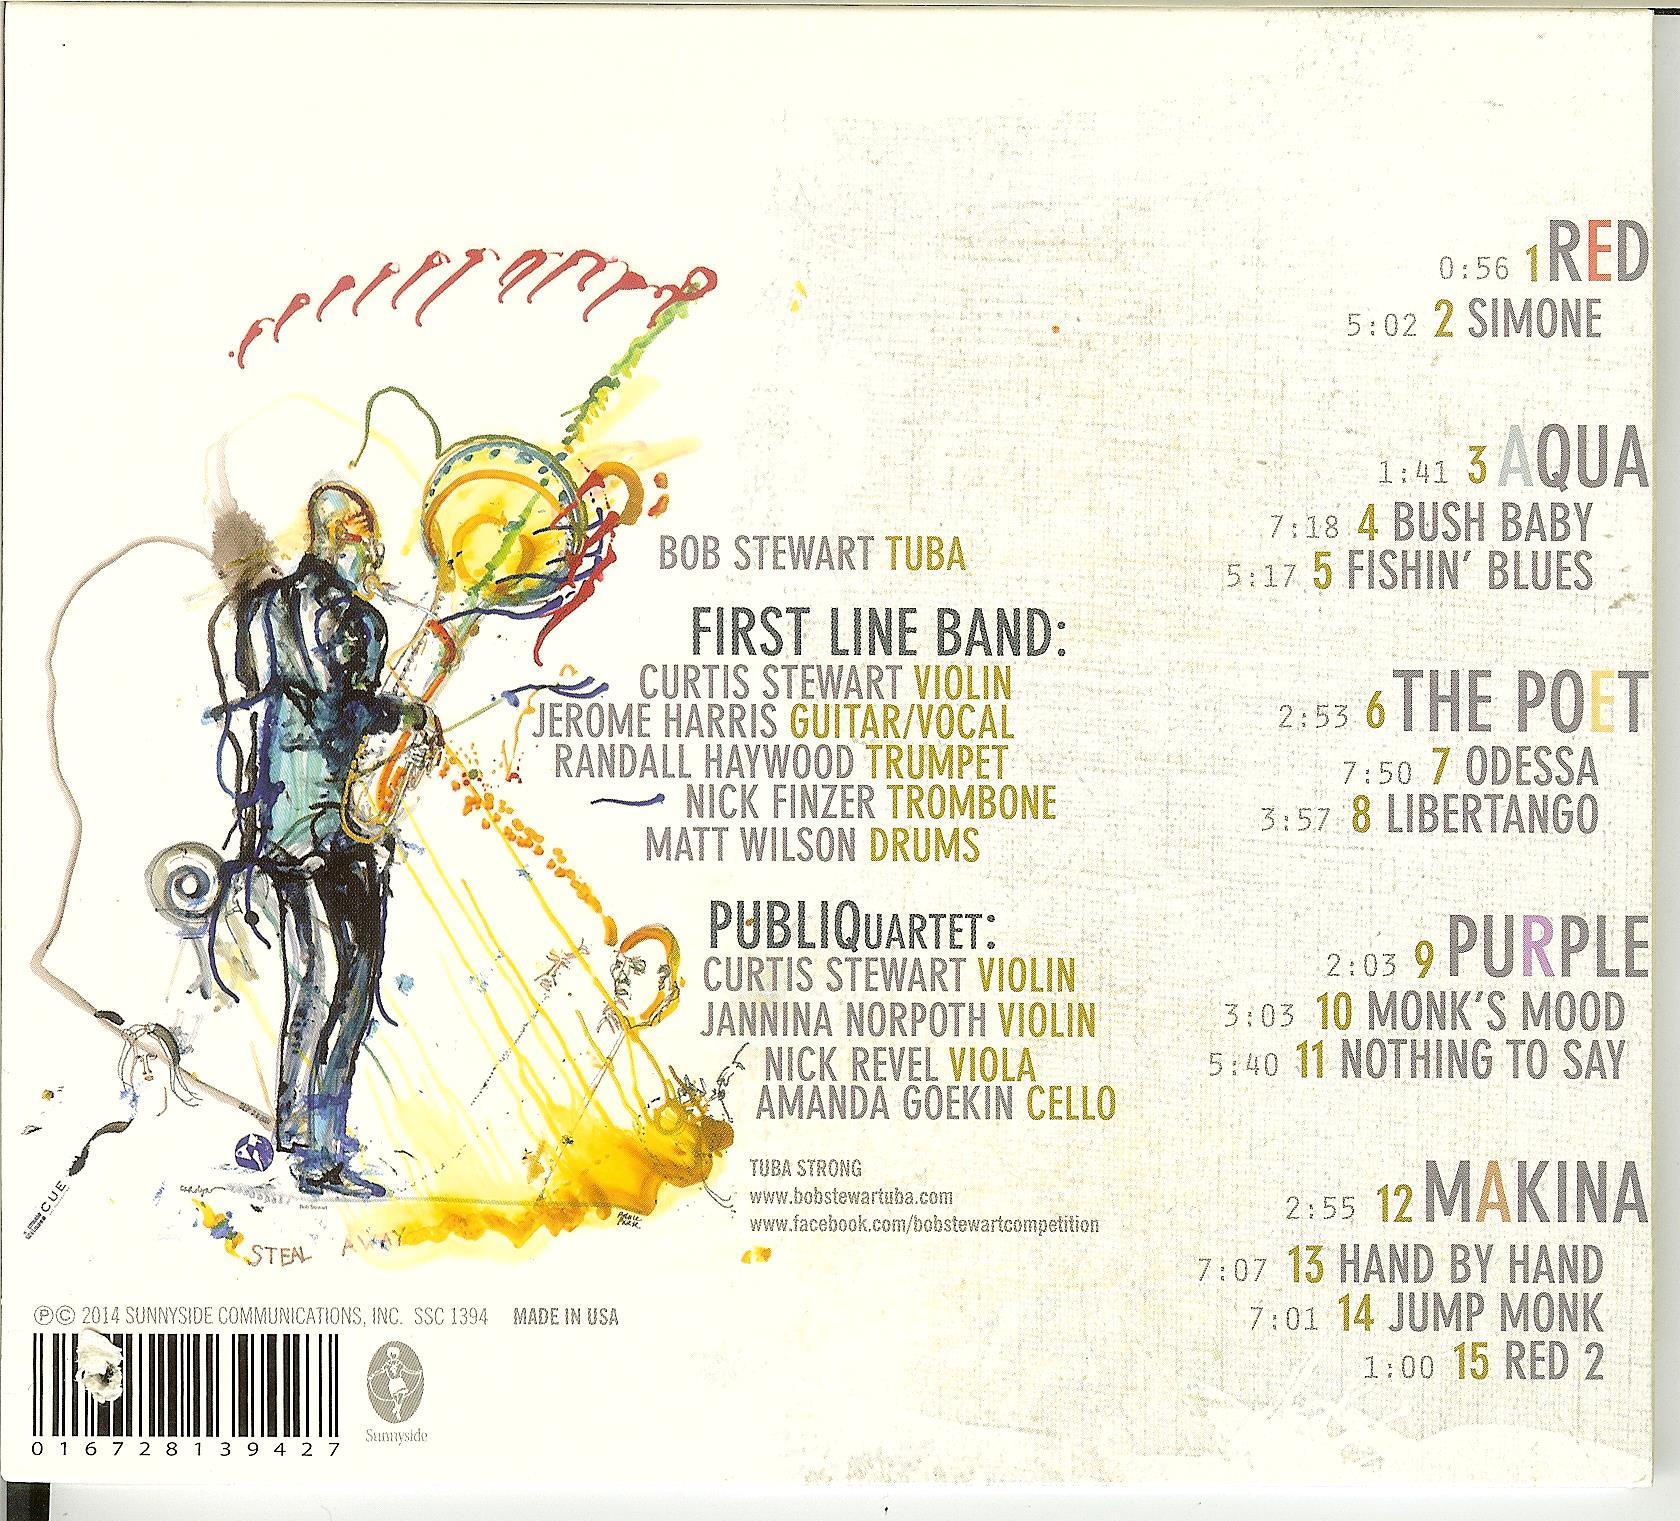 CD cover 2 001.jpg